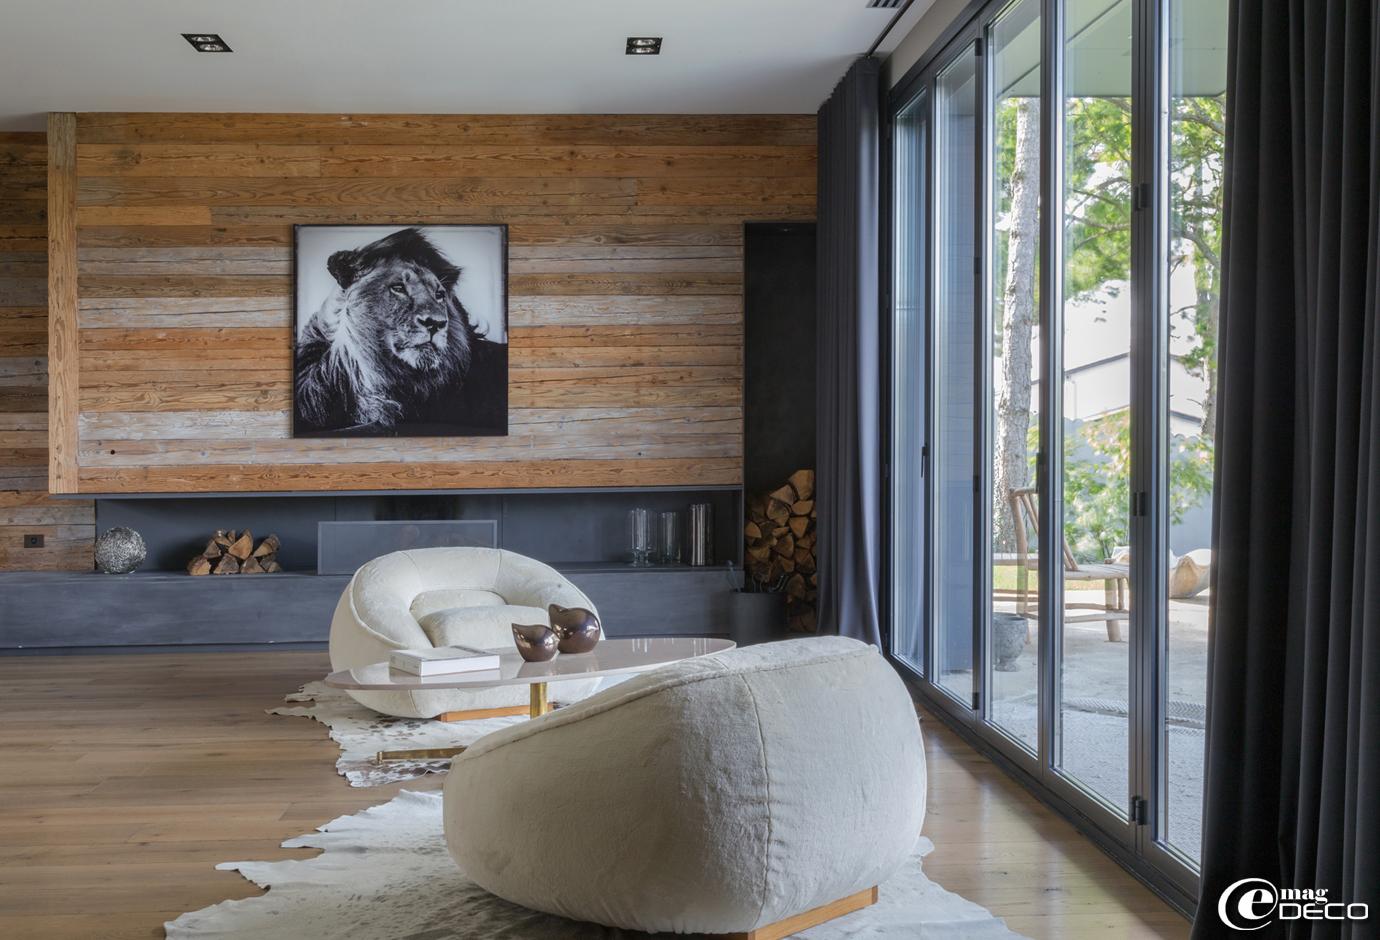 Dans la maison de Cécile Siméone, le mur du salon est couvert de madriers de chantier, photographie de Laurent Baheux intitulée 'Lion in the Wind', acheté chez 'Yellow-Korner'